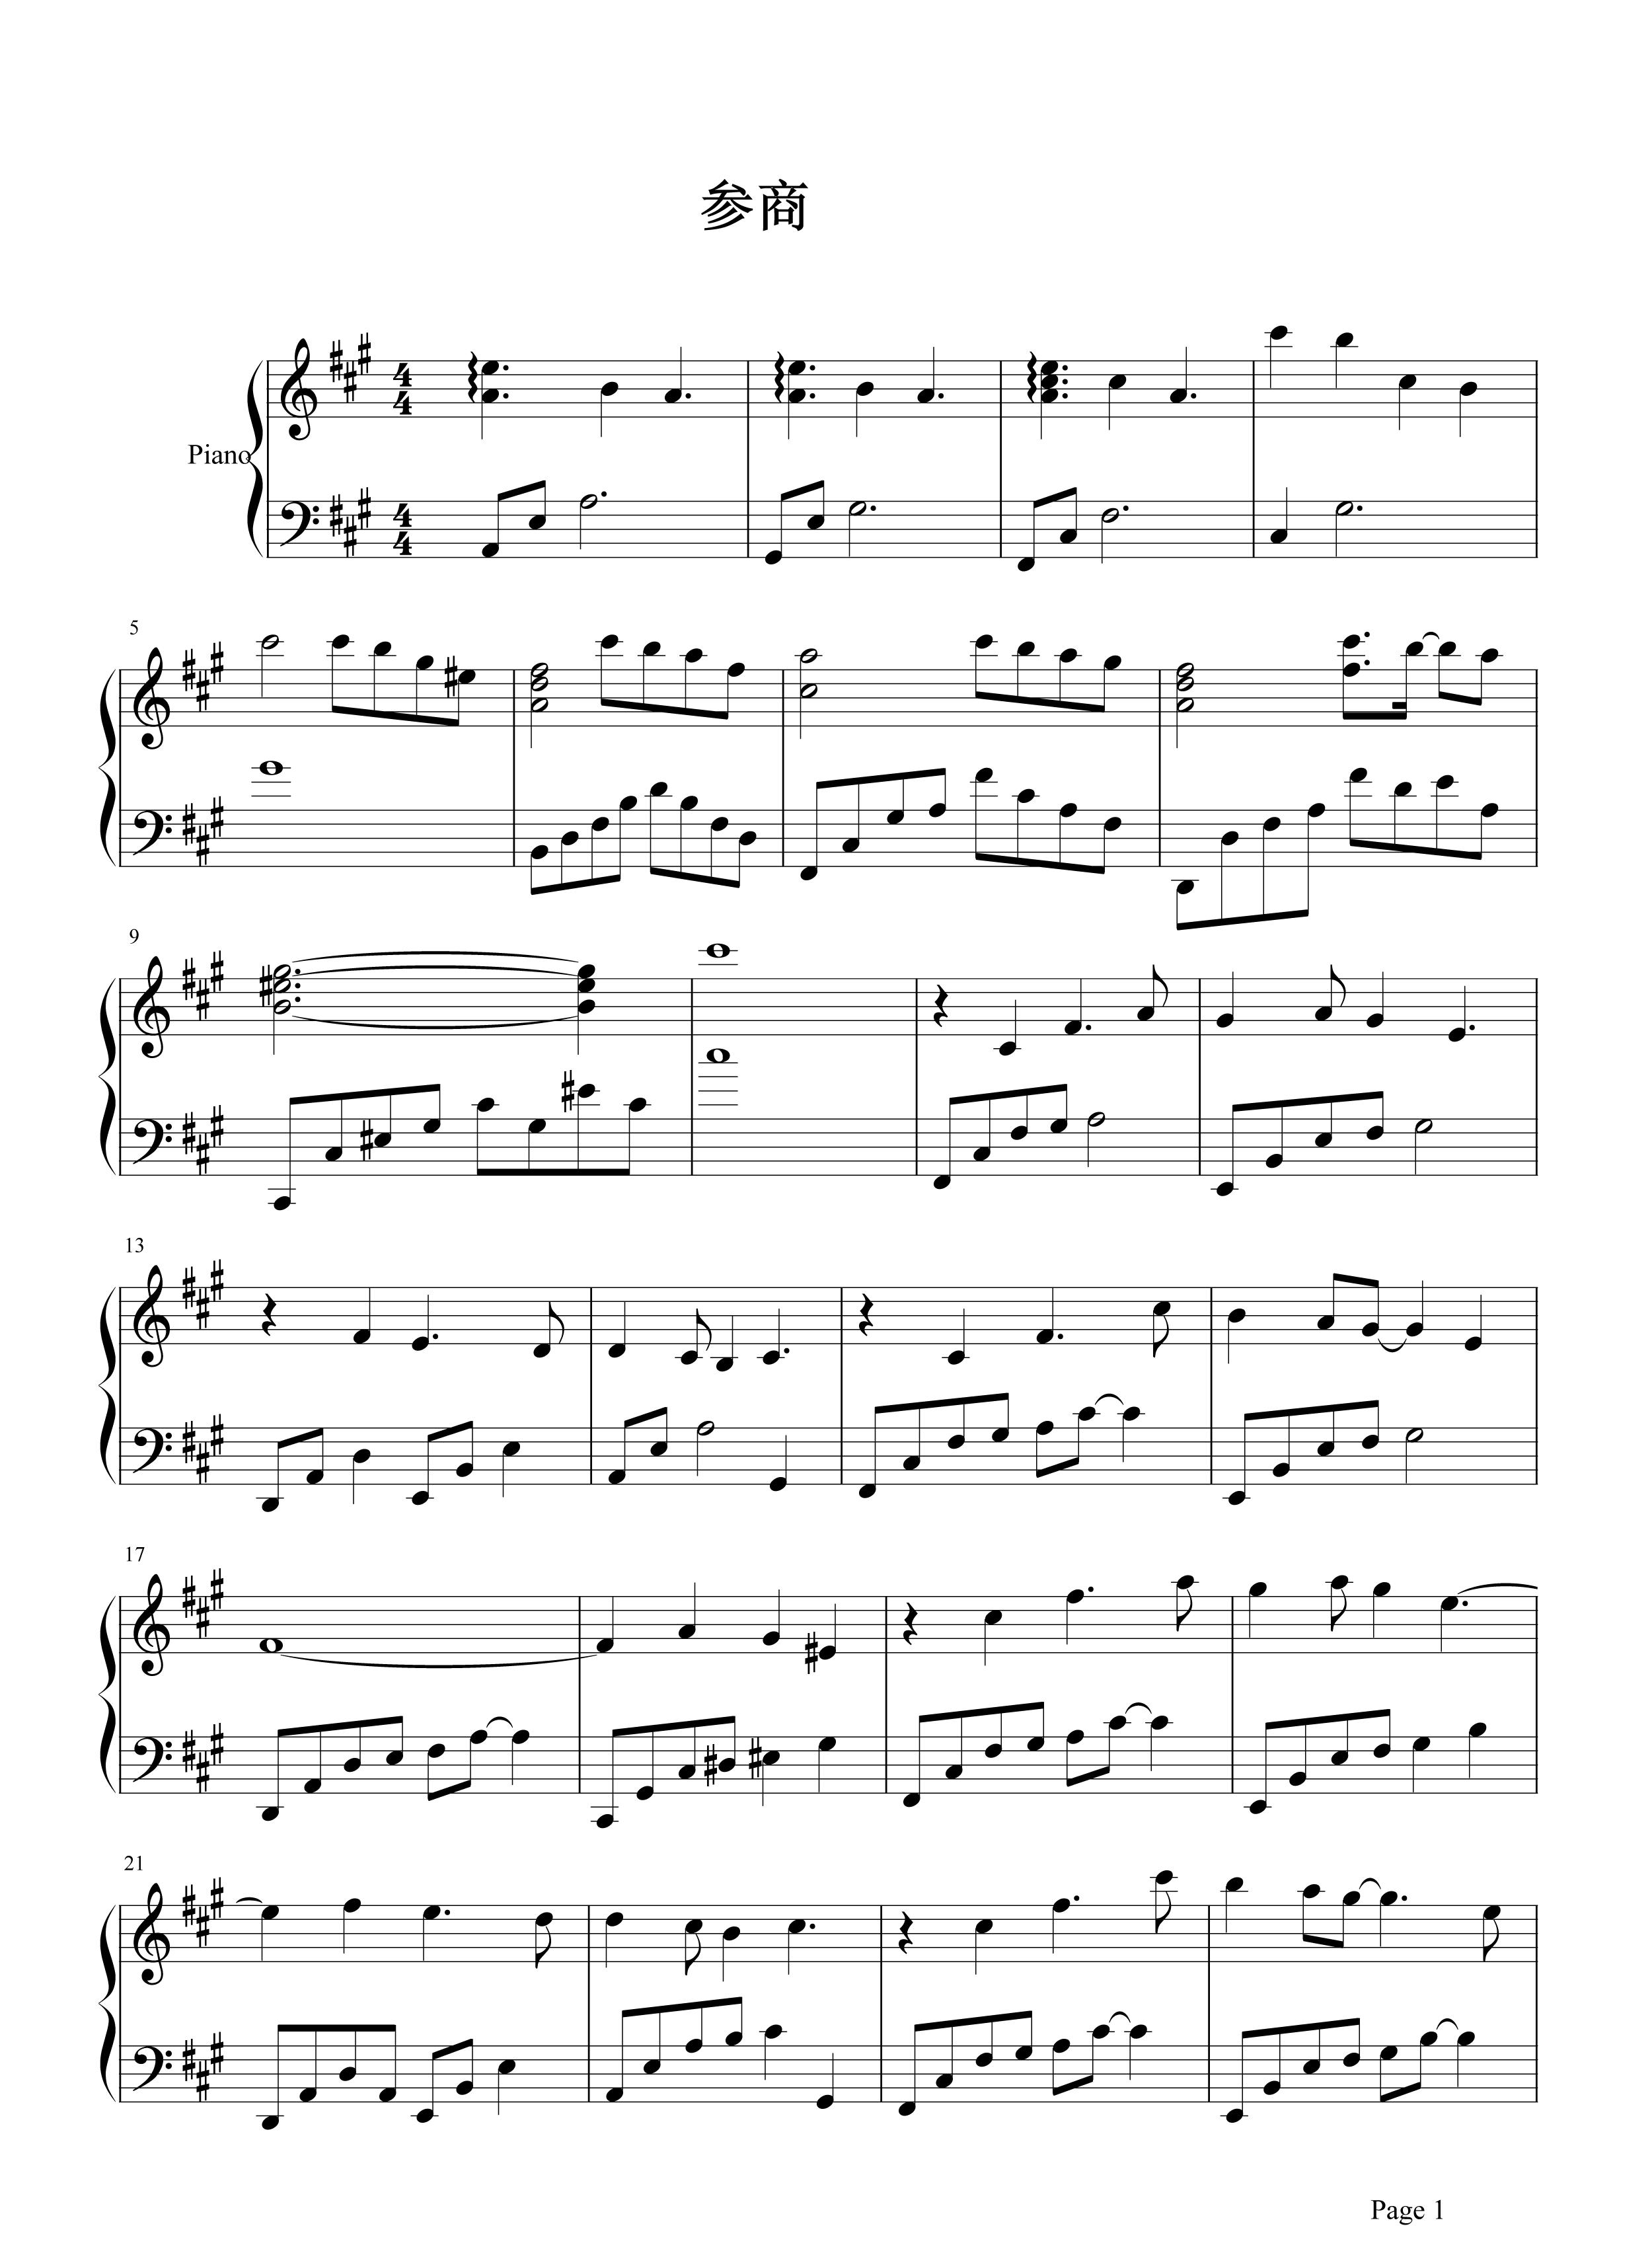 参商钢琴谱